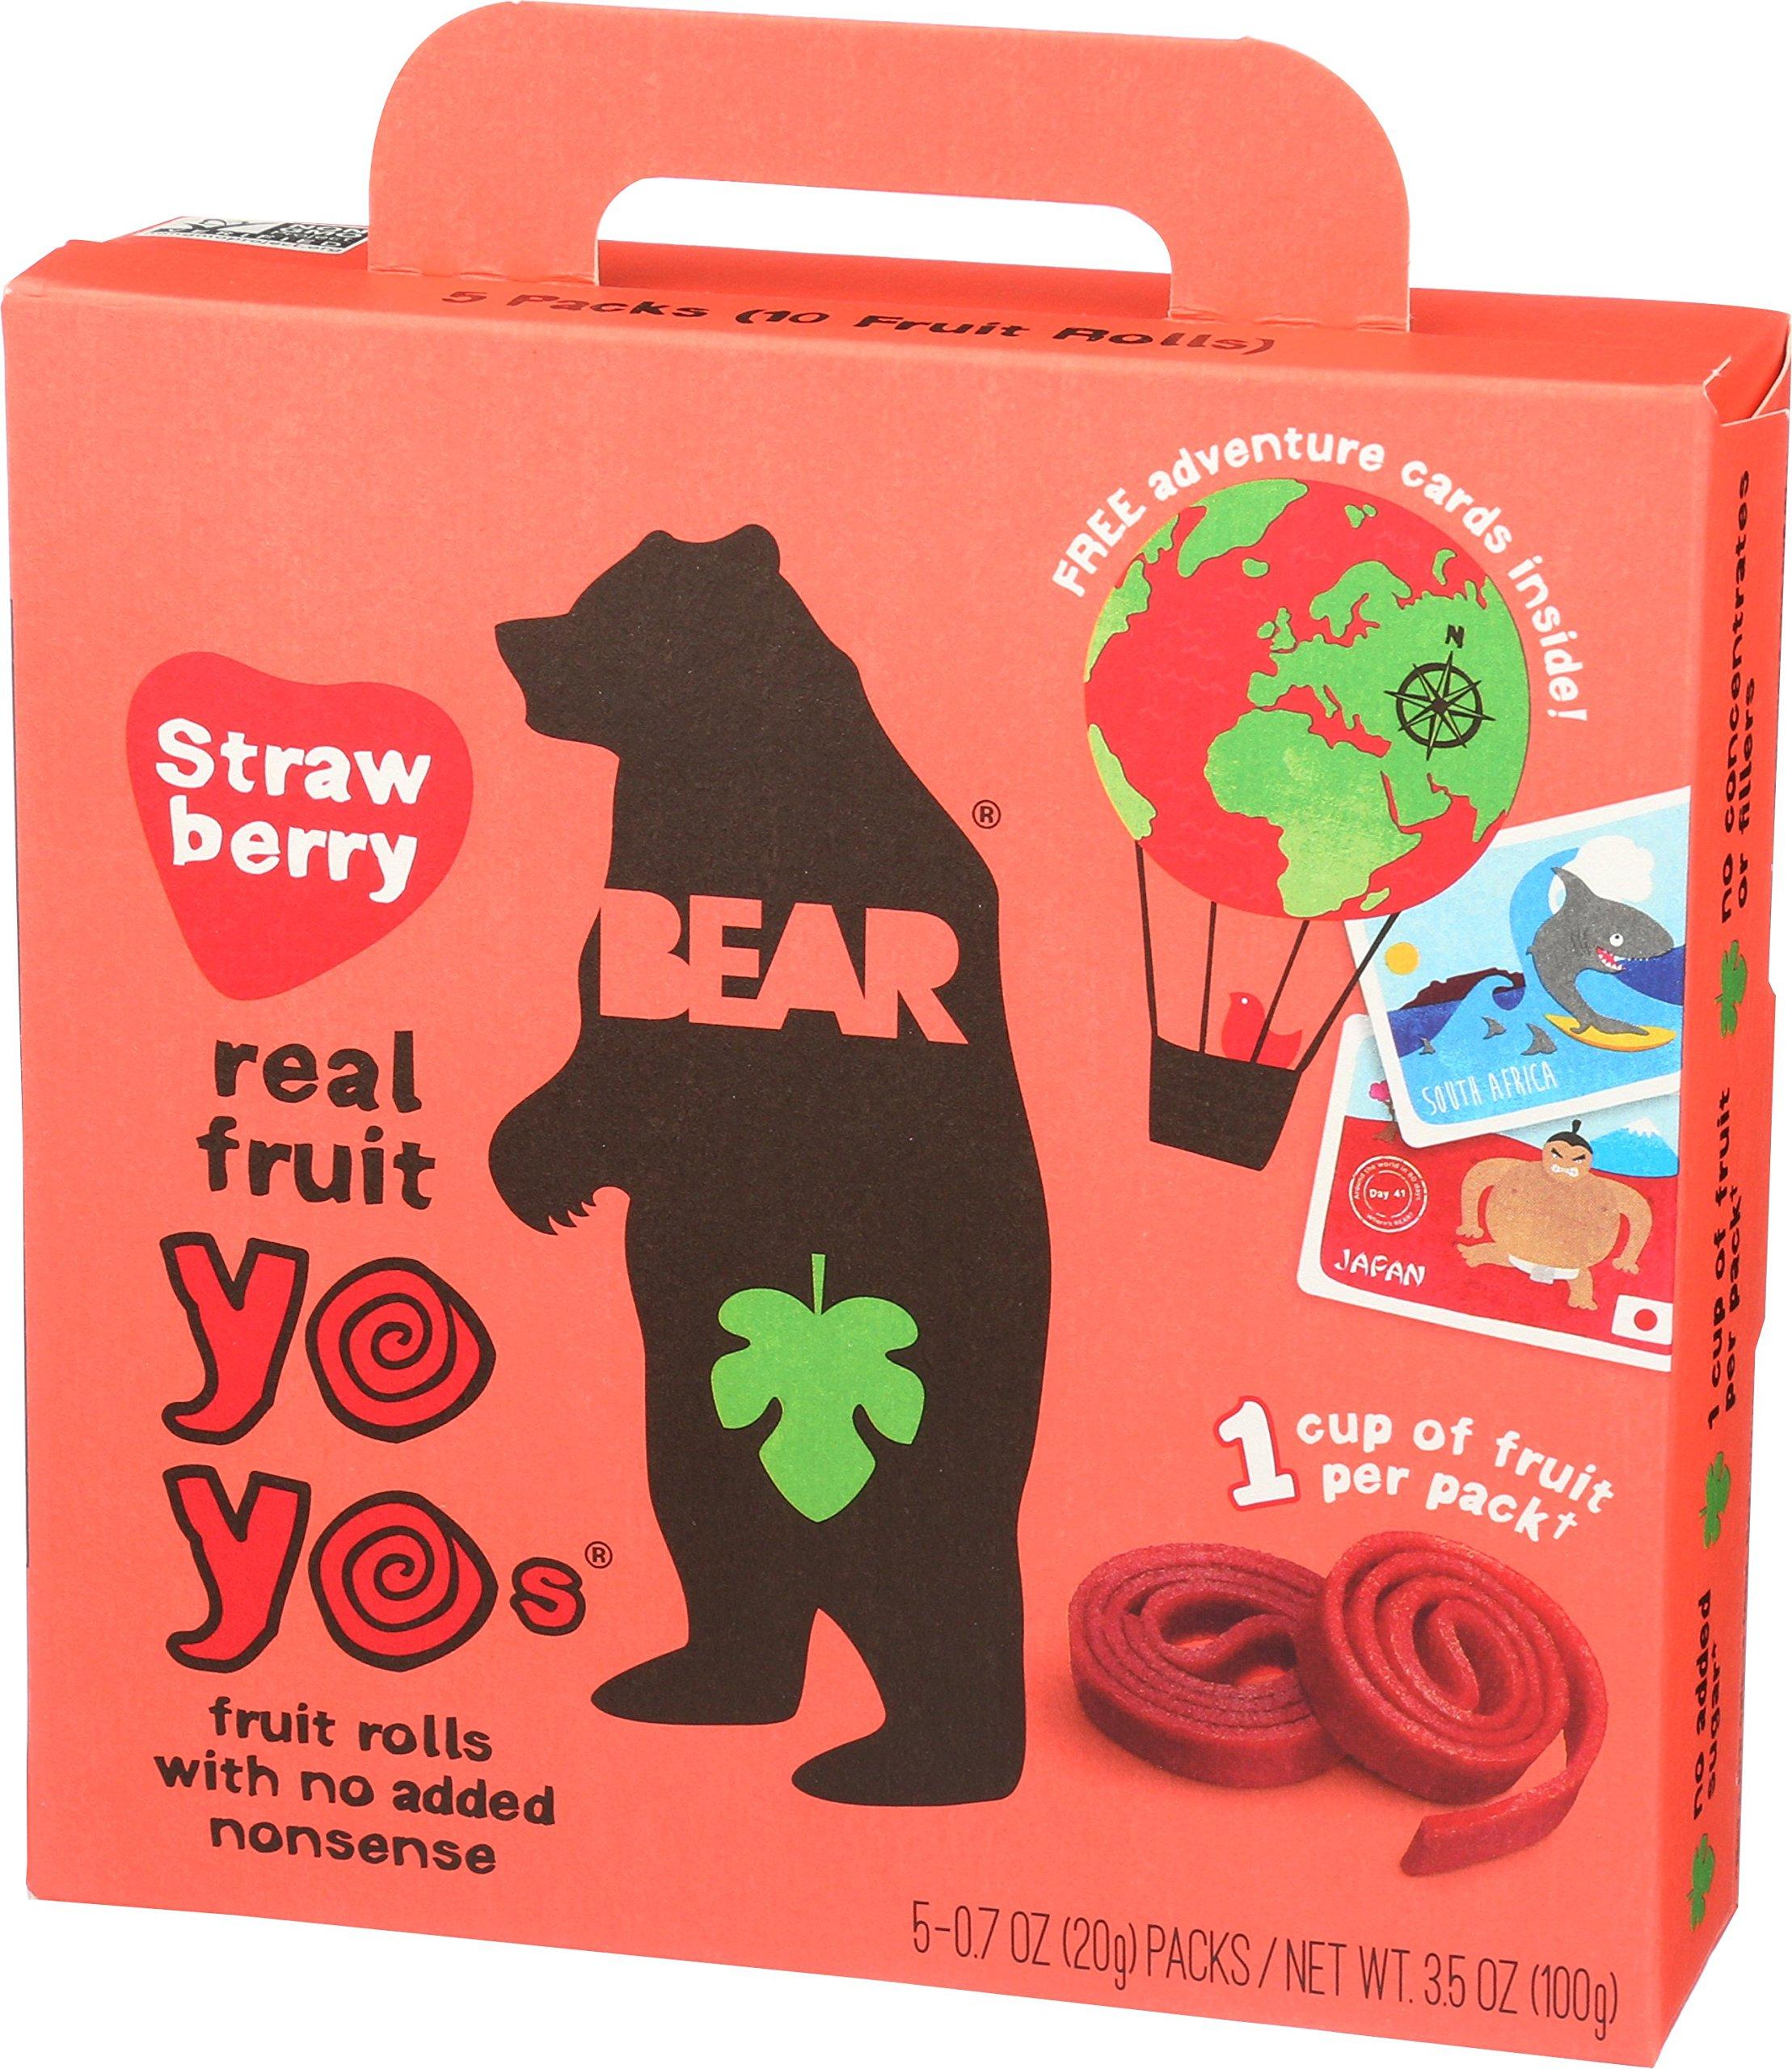 Bear Yoyo Fruit Roll Strawberry Multipack, 3.5 oz